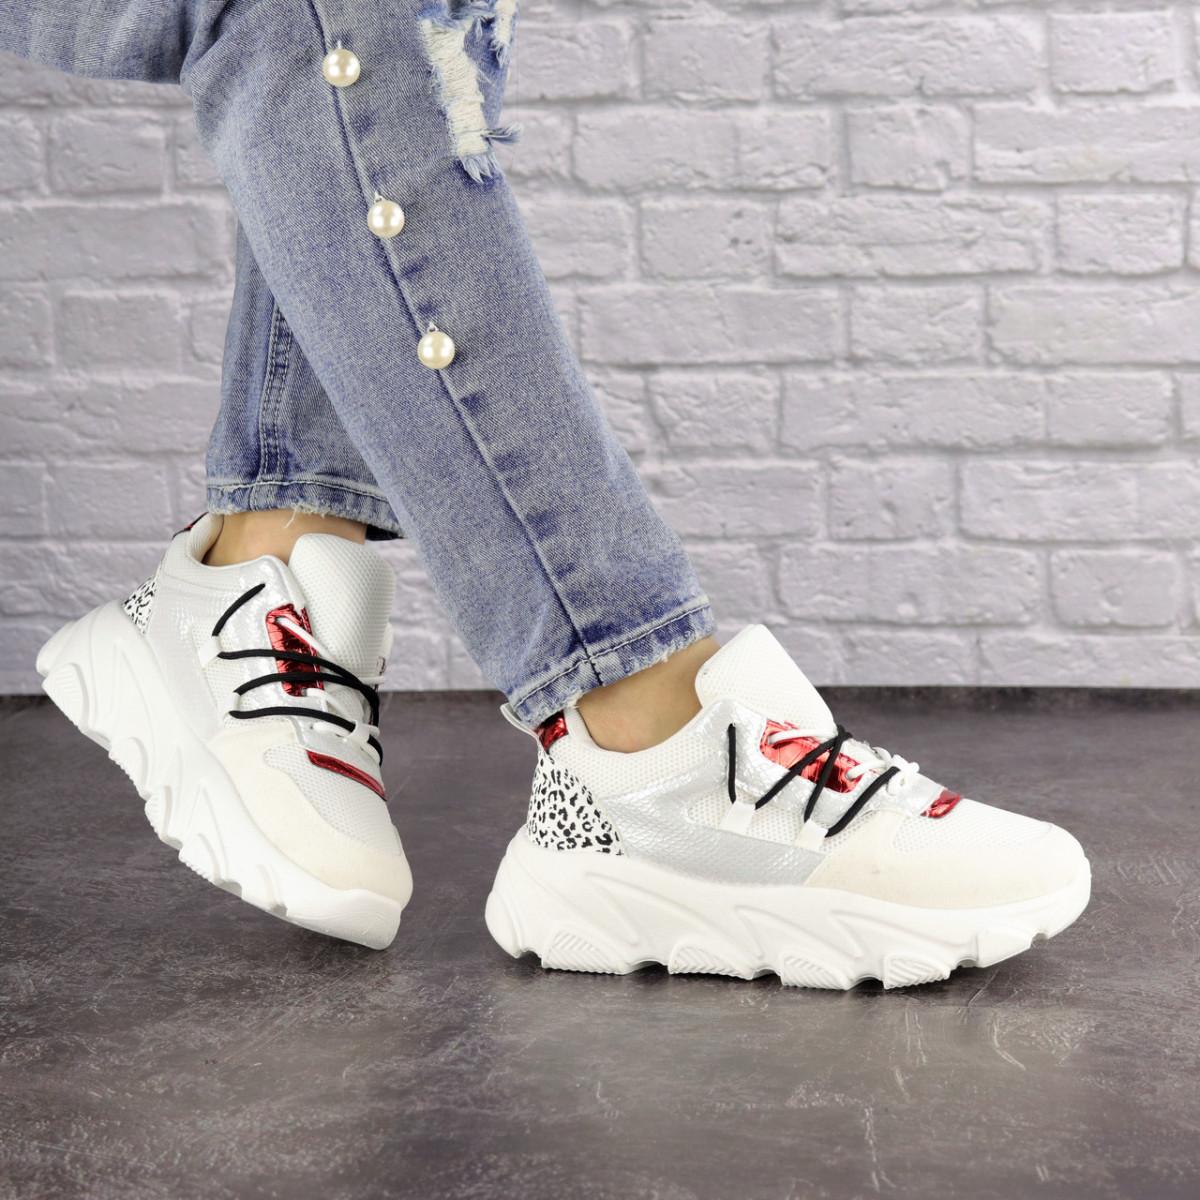 Женские кроссовки Fashion Duncan 1531 38 размер 24 см Белый